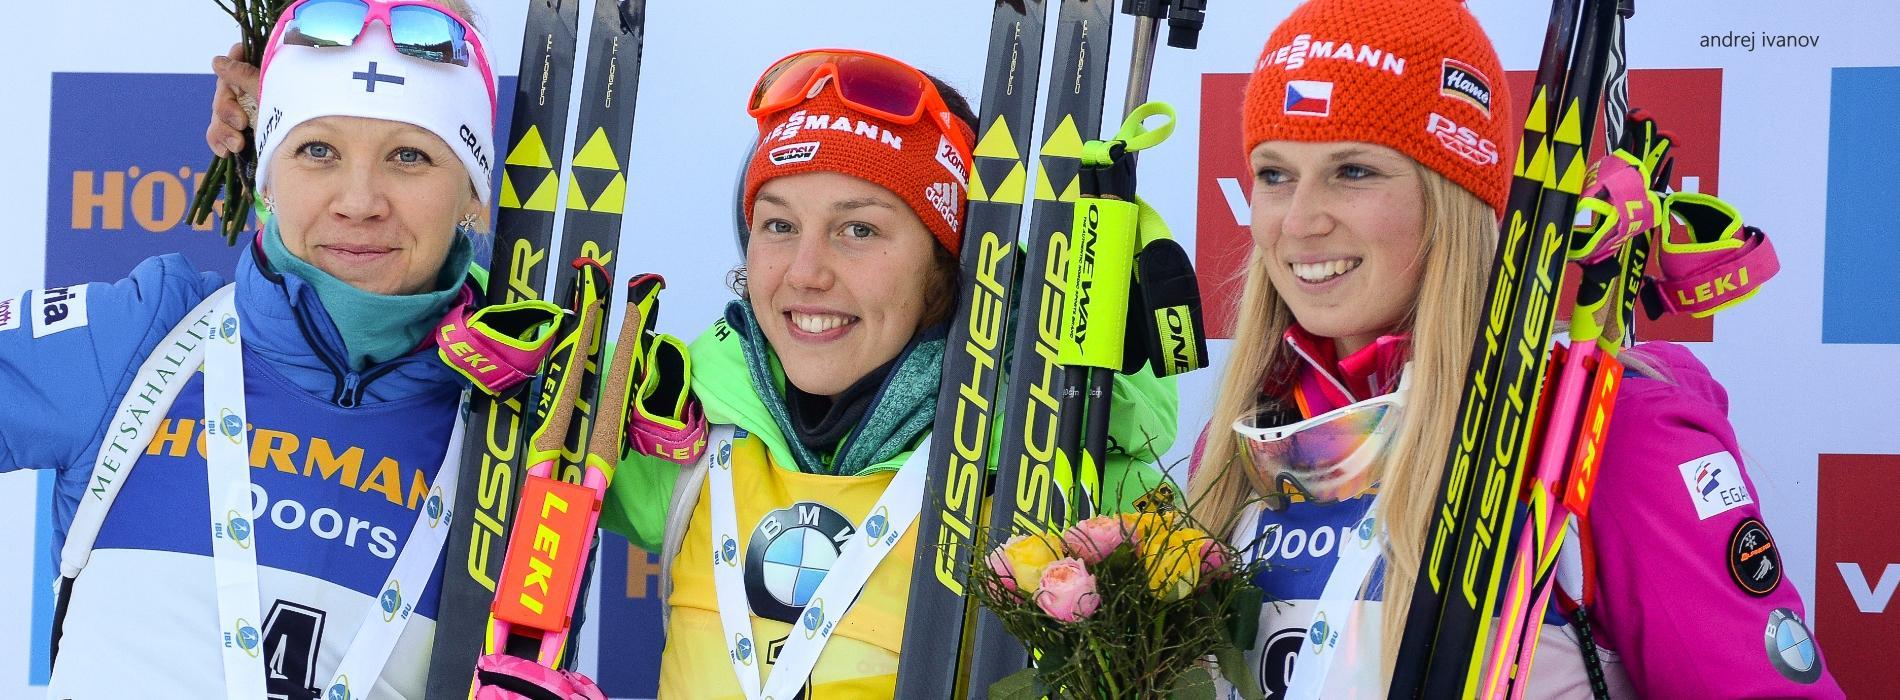 Laura Dahlmeier Sieg in Pokljuka Verfolger